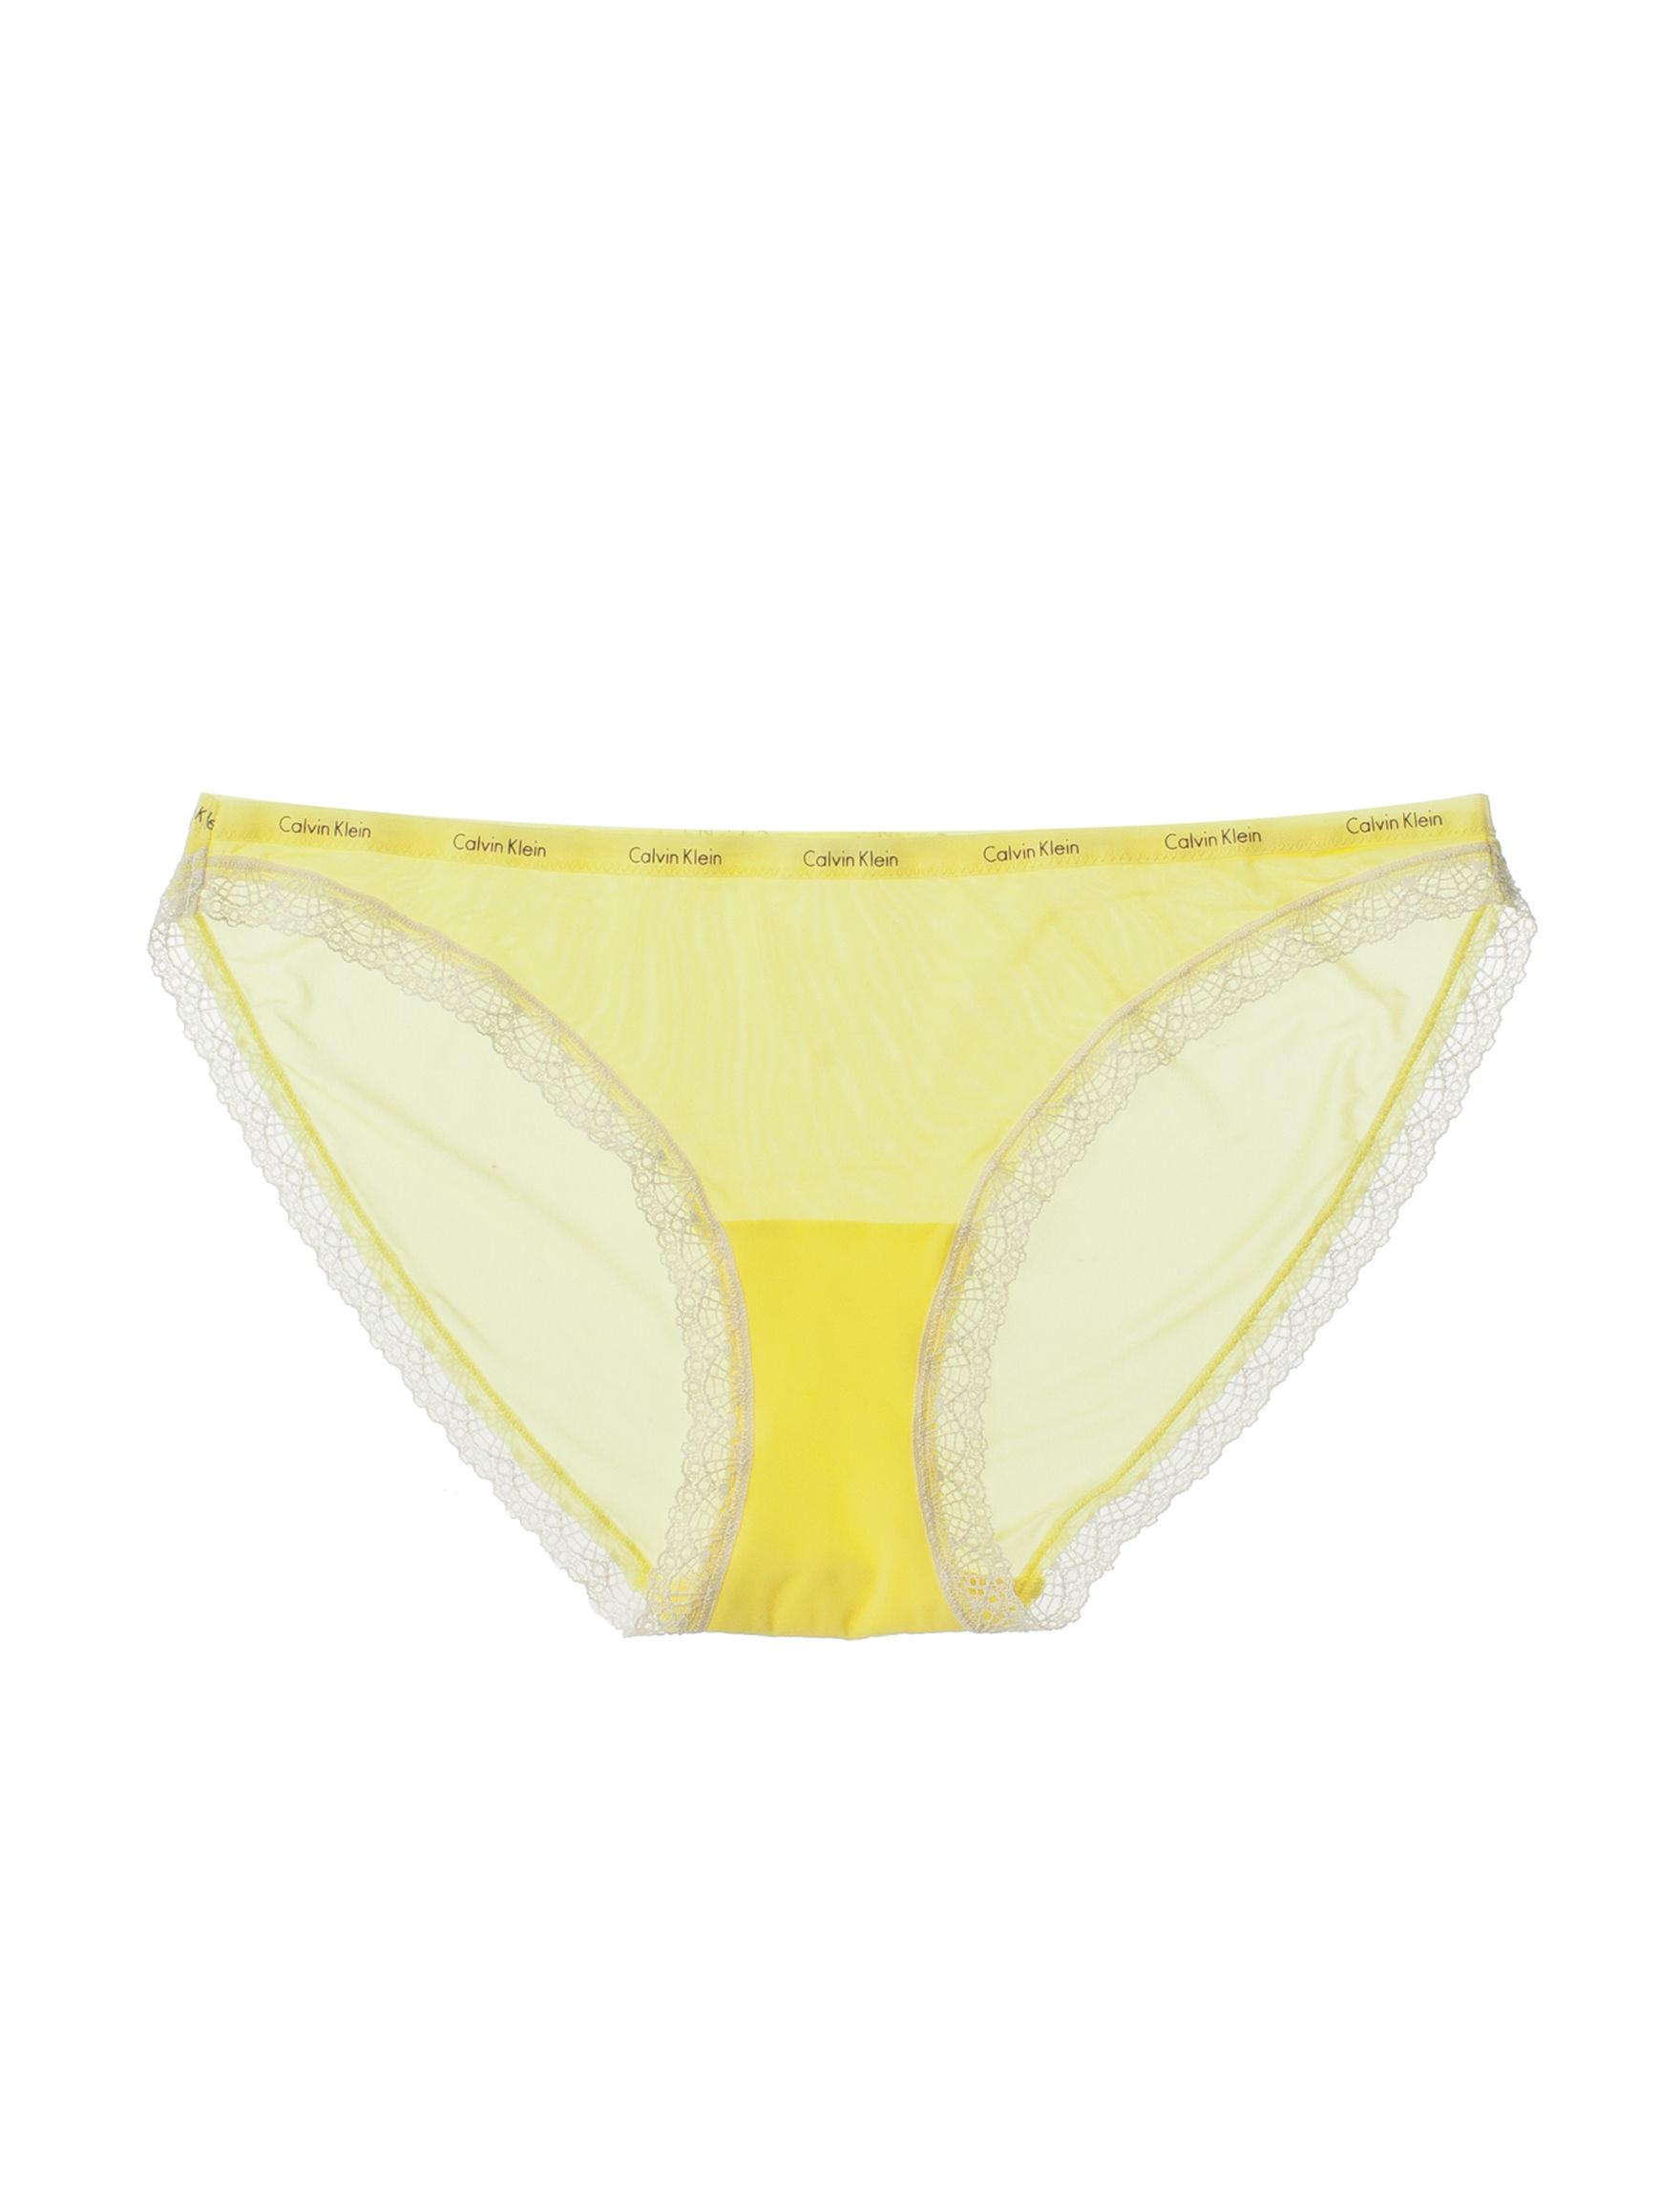 Calvin Klein Yellow Panties Slimming